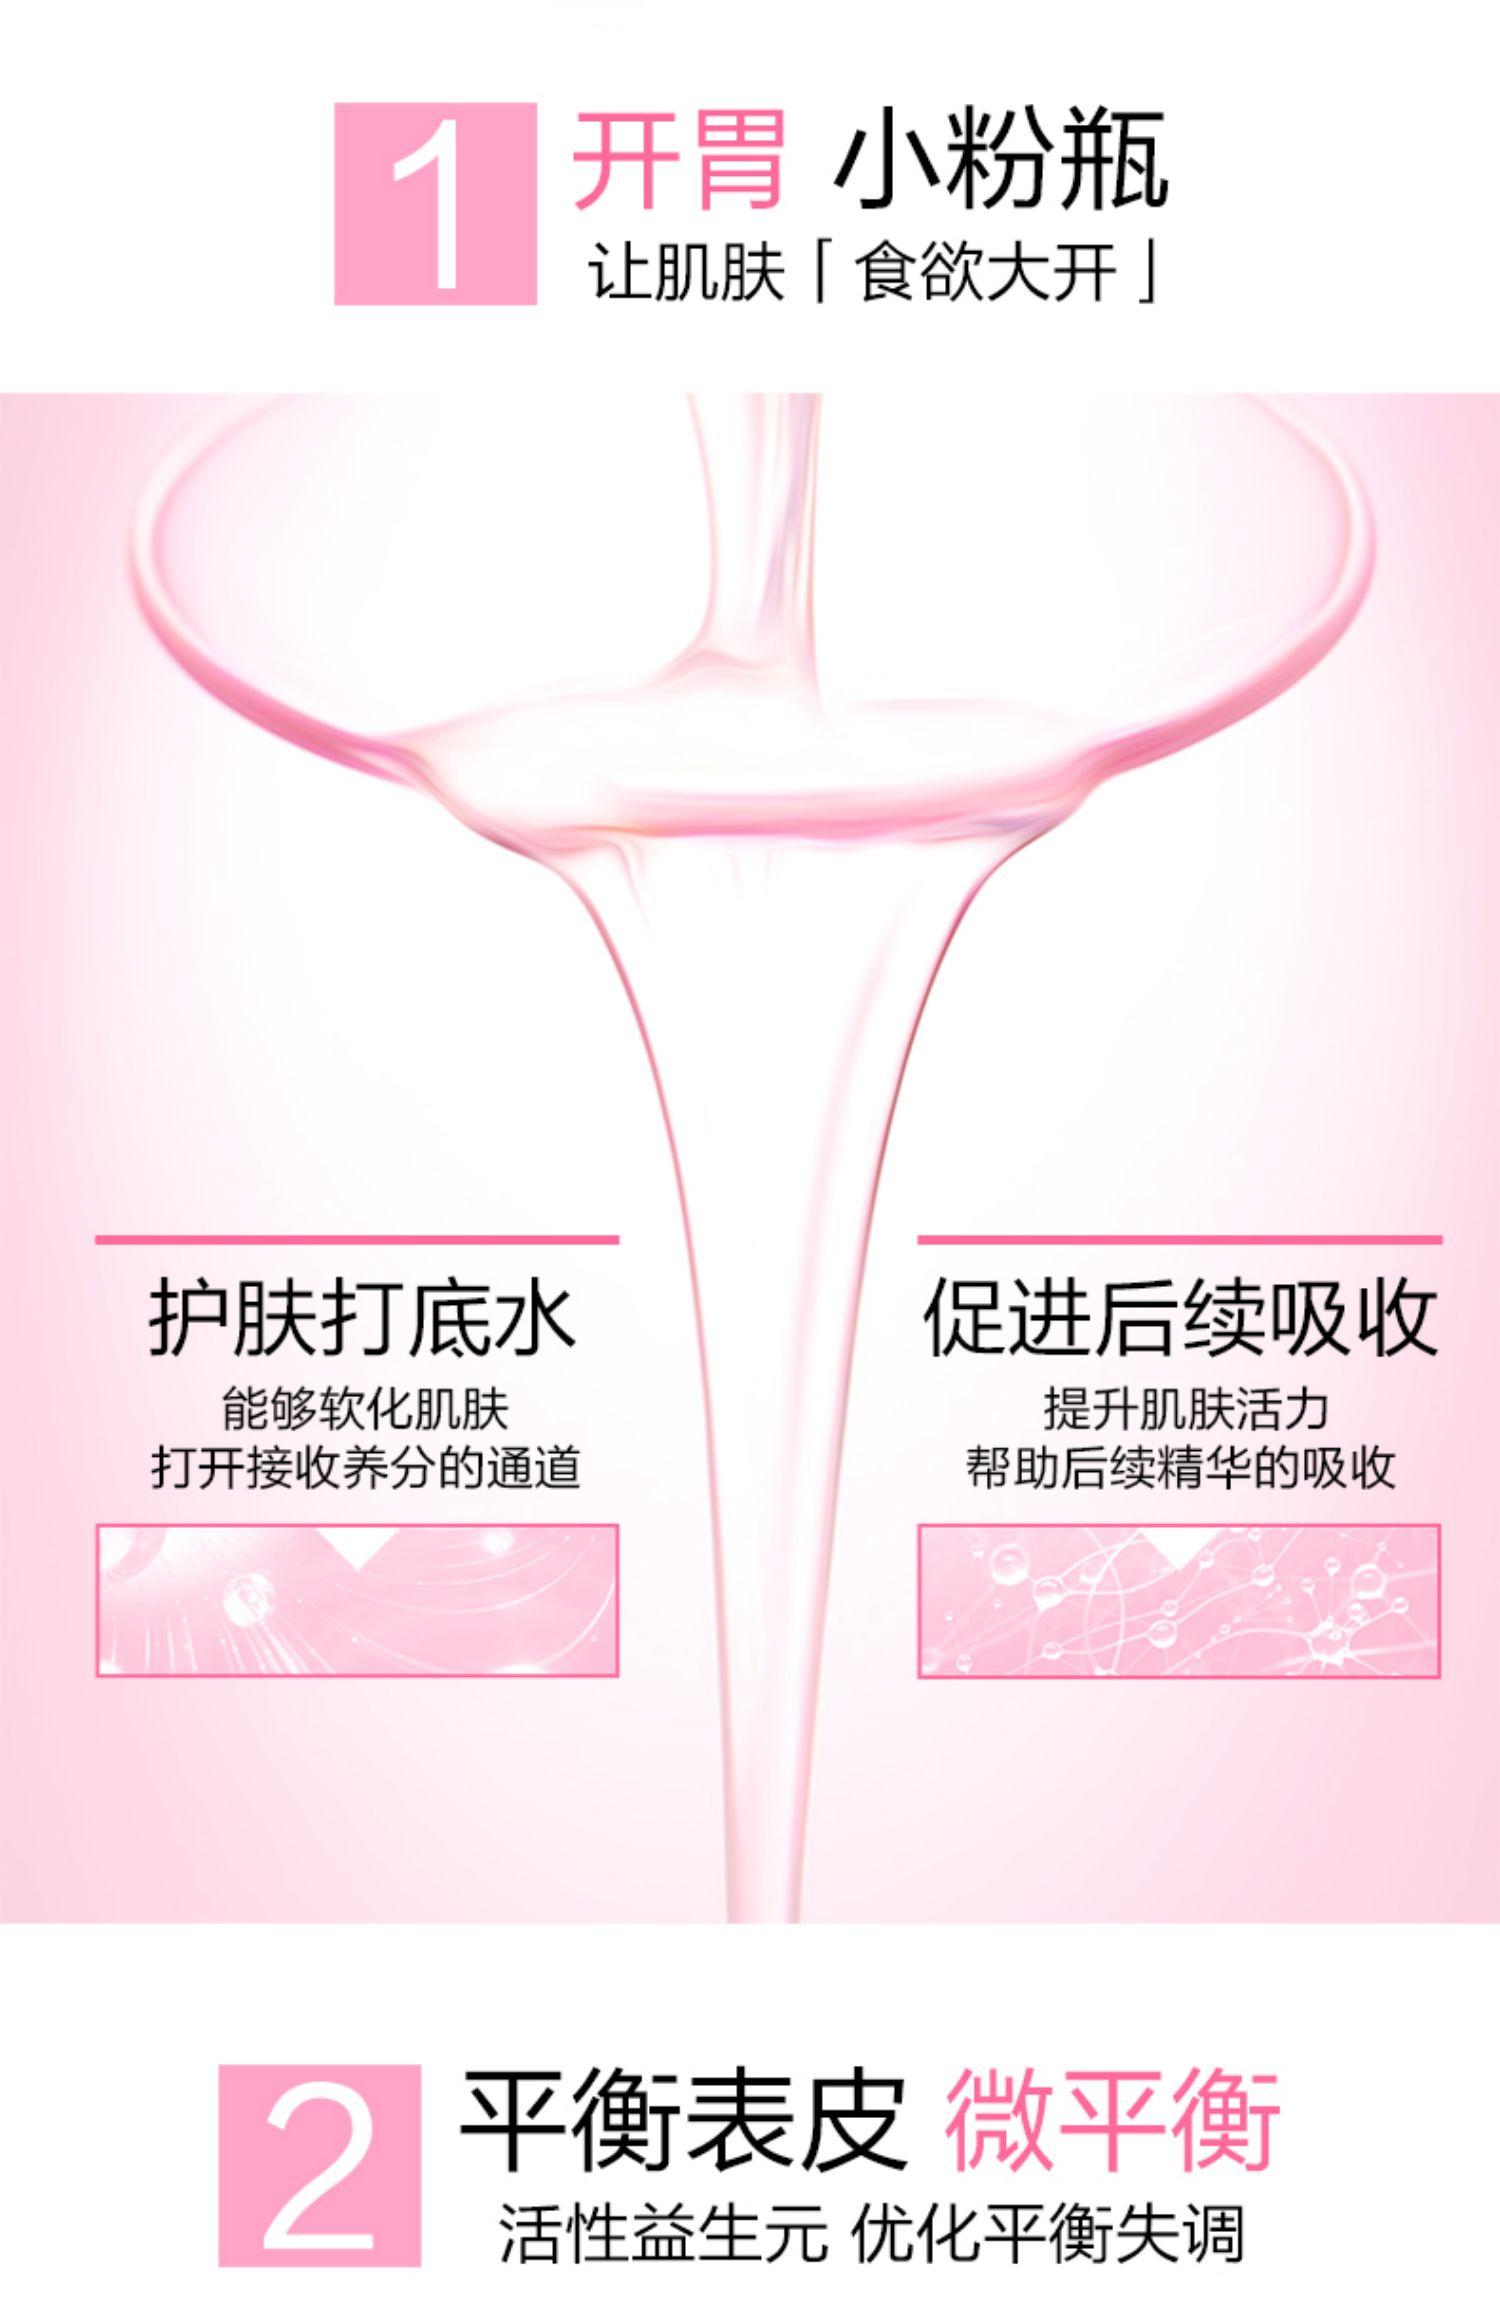 【国货爆品】米蓓尔正品粉水100ml